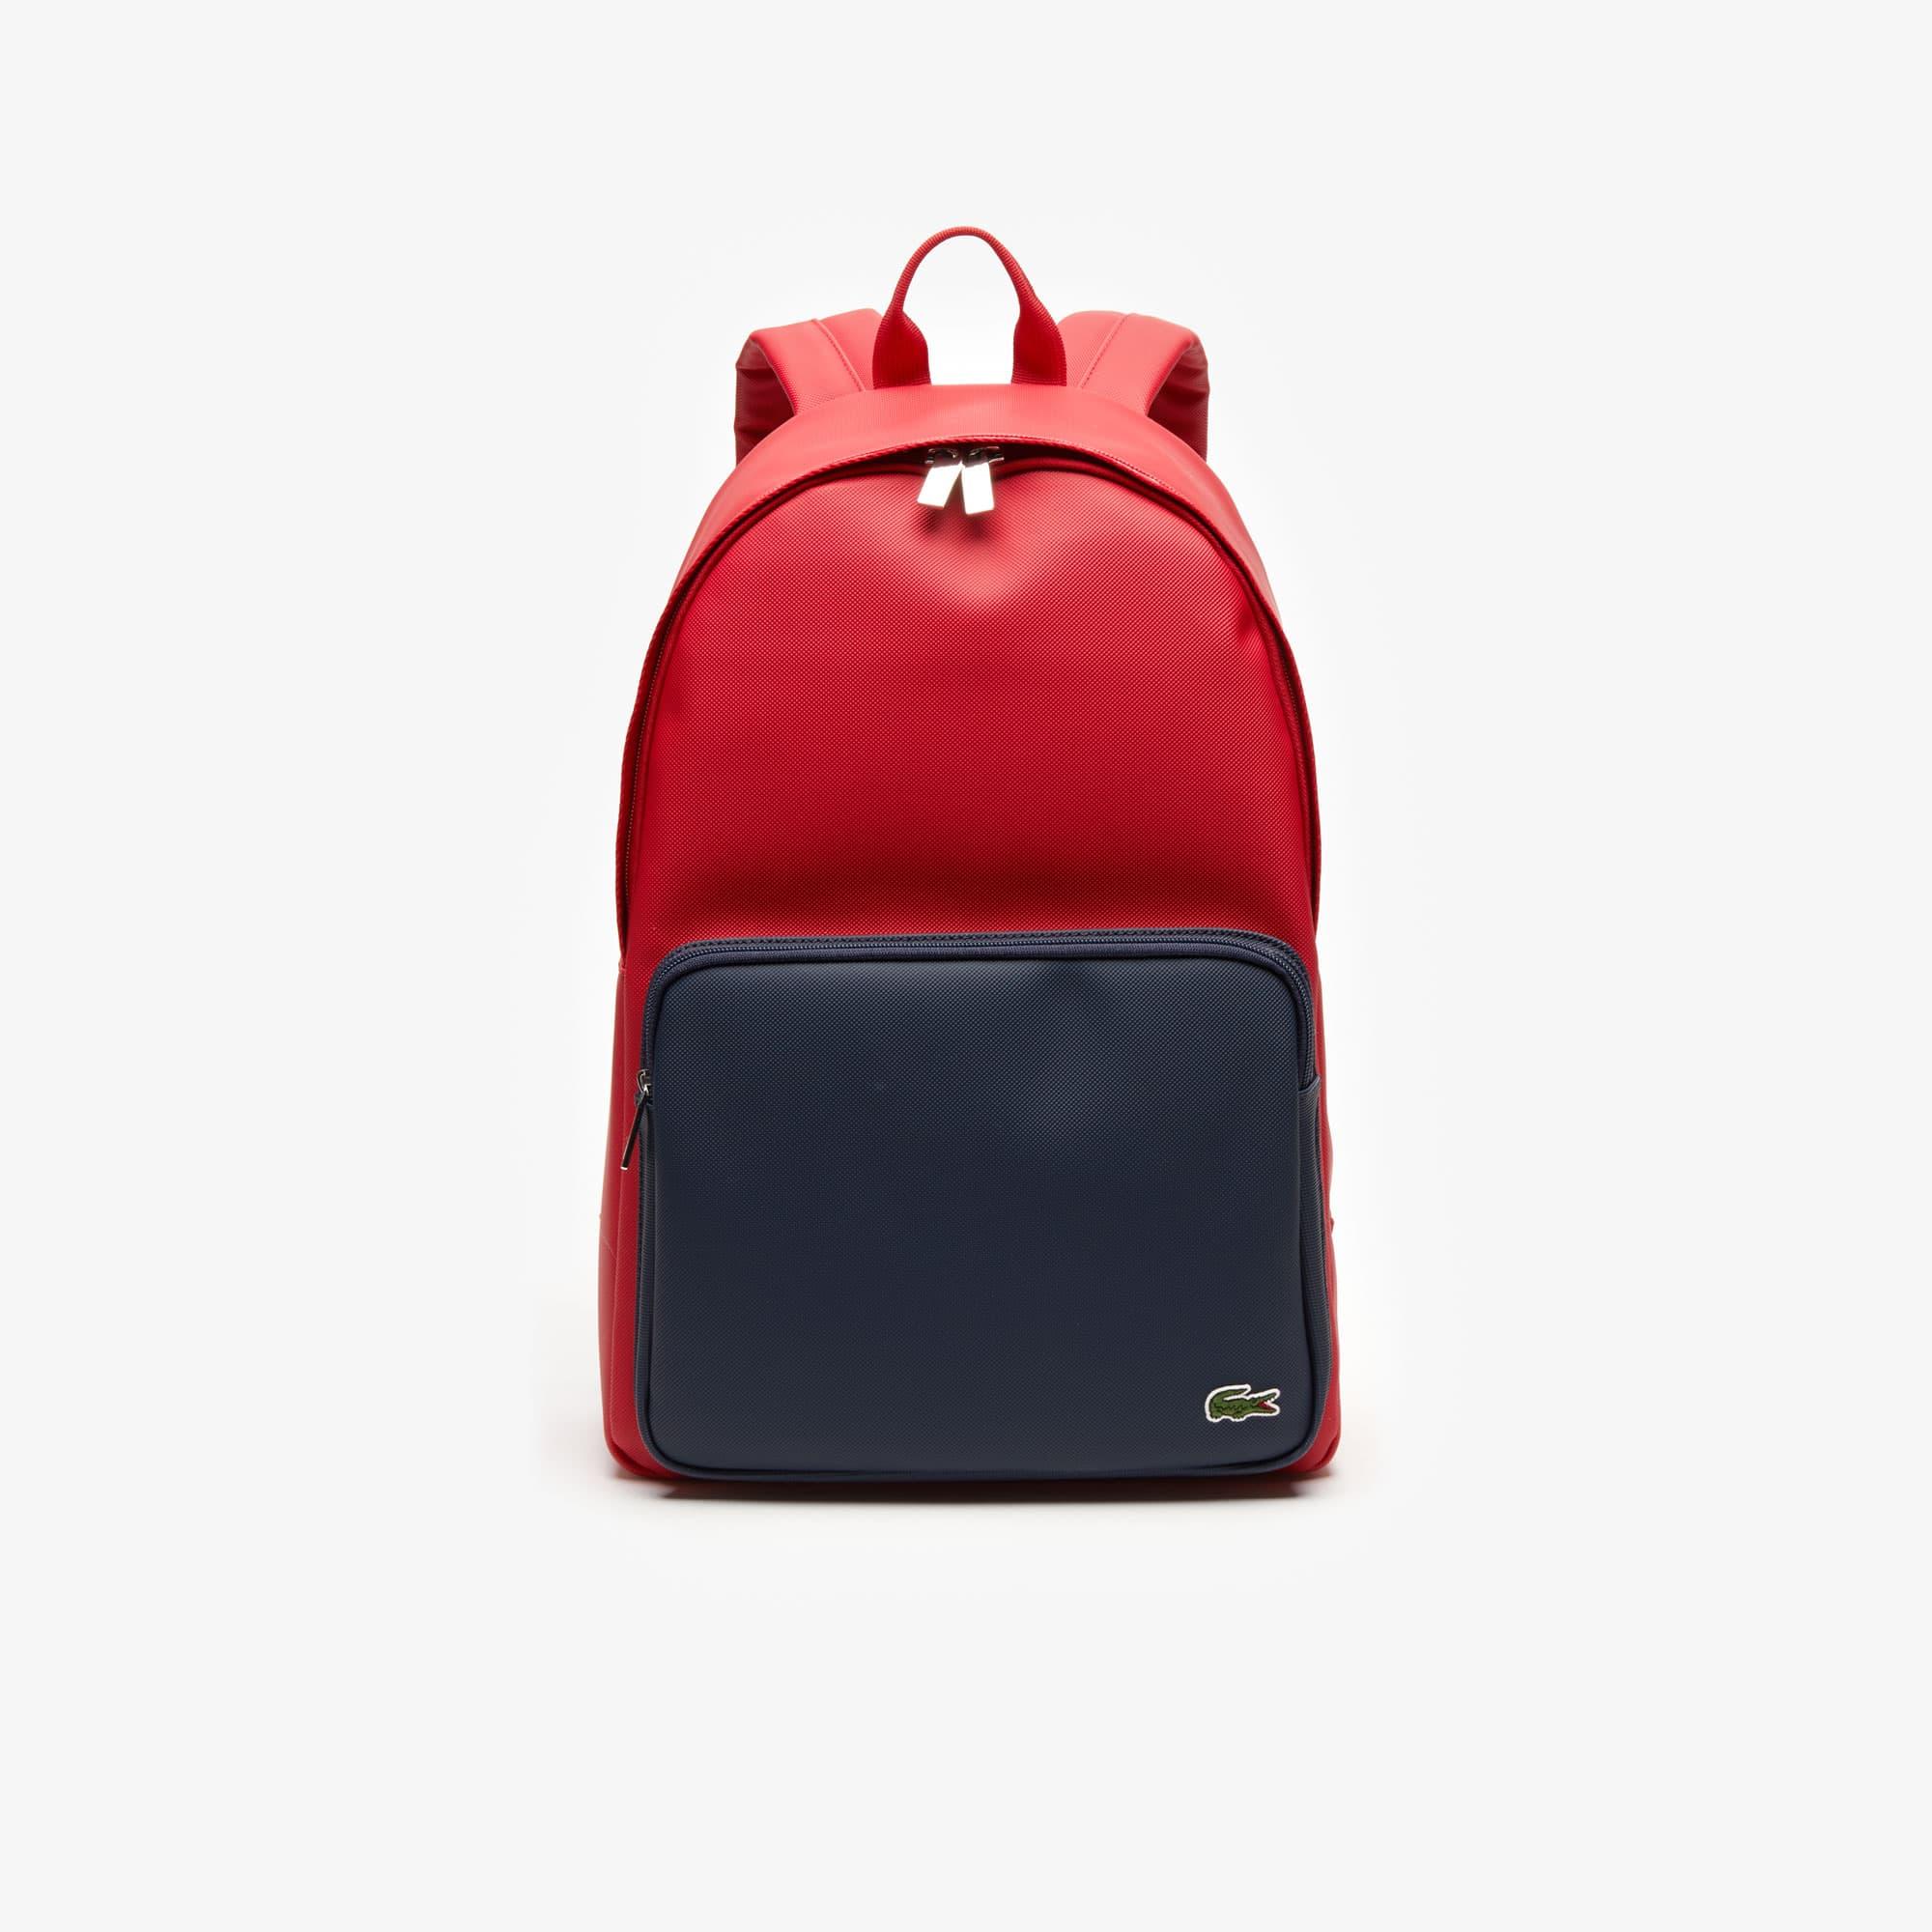 라코스테 두 컬러 백팩 Lacoste Mens Bicolor Backpack,TANGO RED